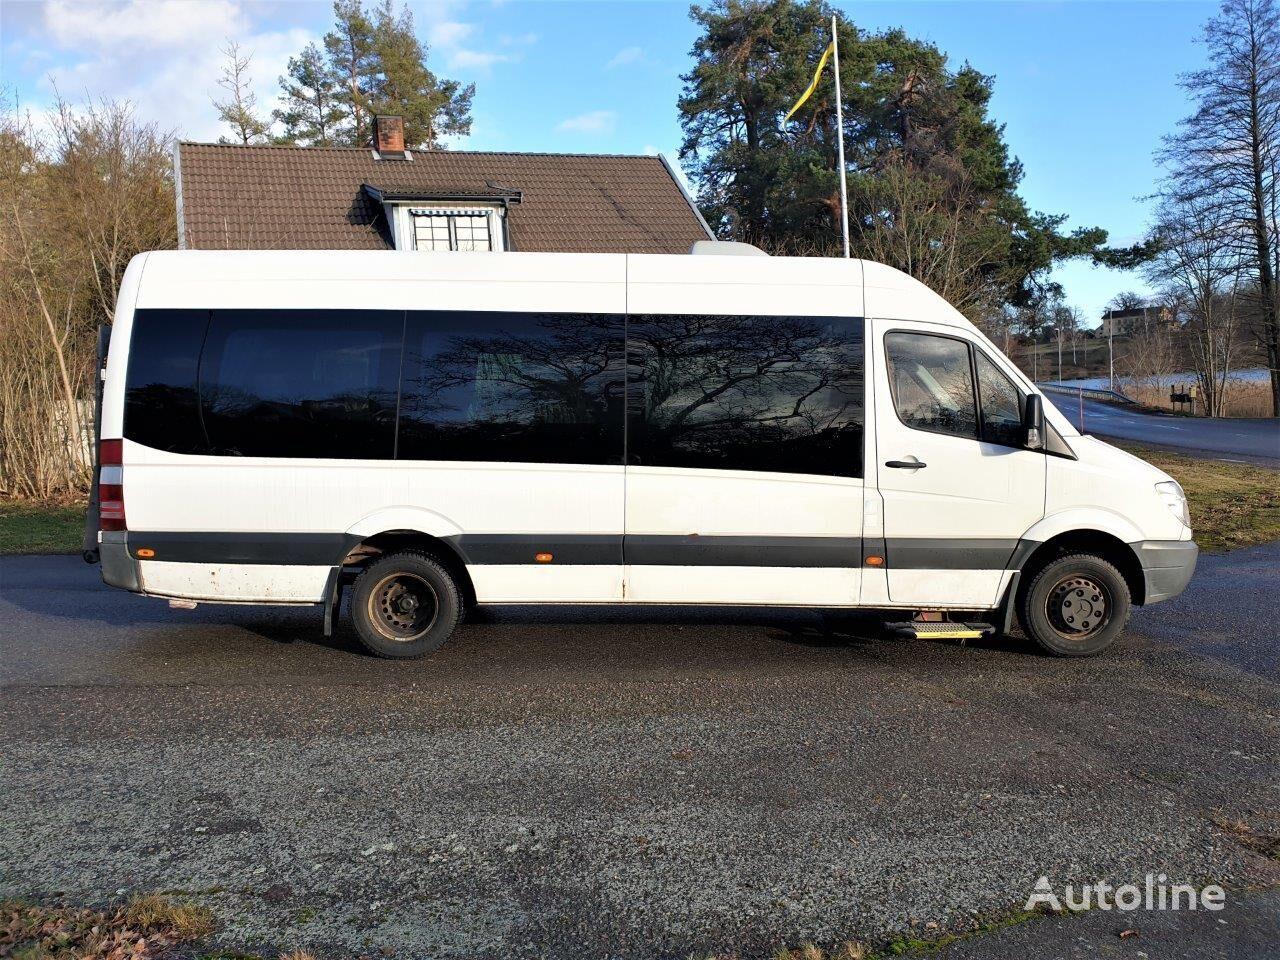 MERCEDES-BENZ Sprinter 516cdi/ 19pax/ new engine/ Euro 5/ lift/ klima passasjer minibuss